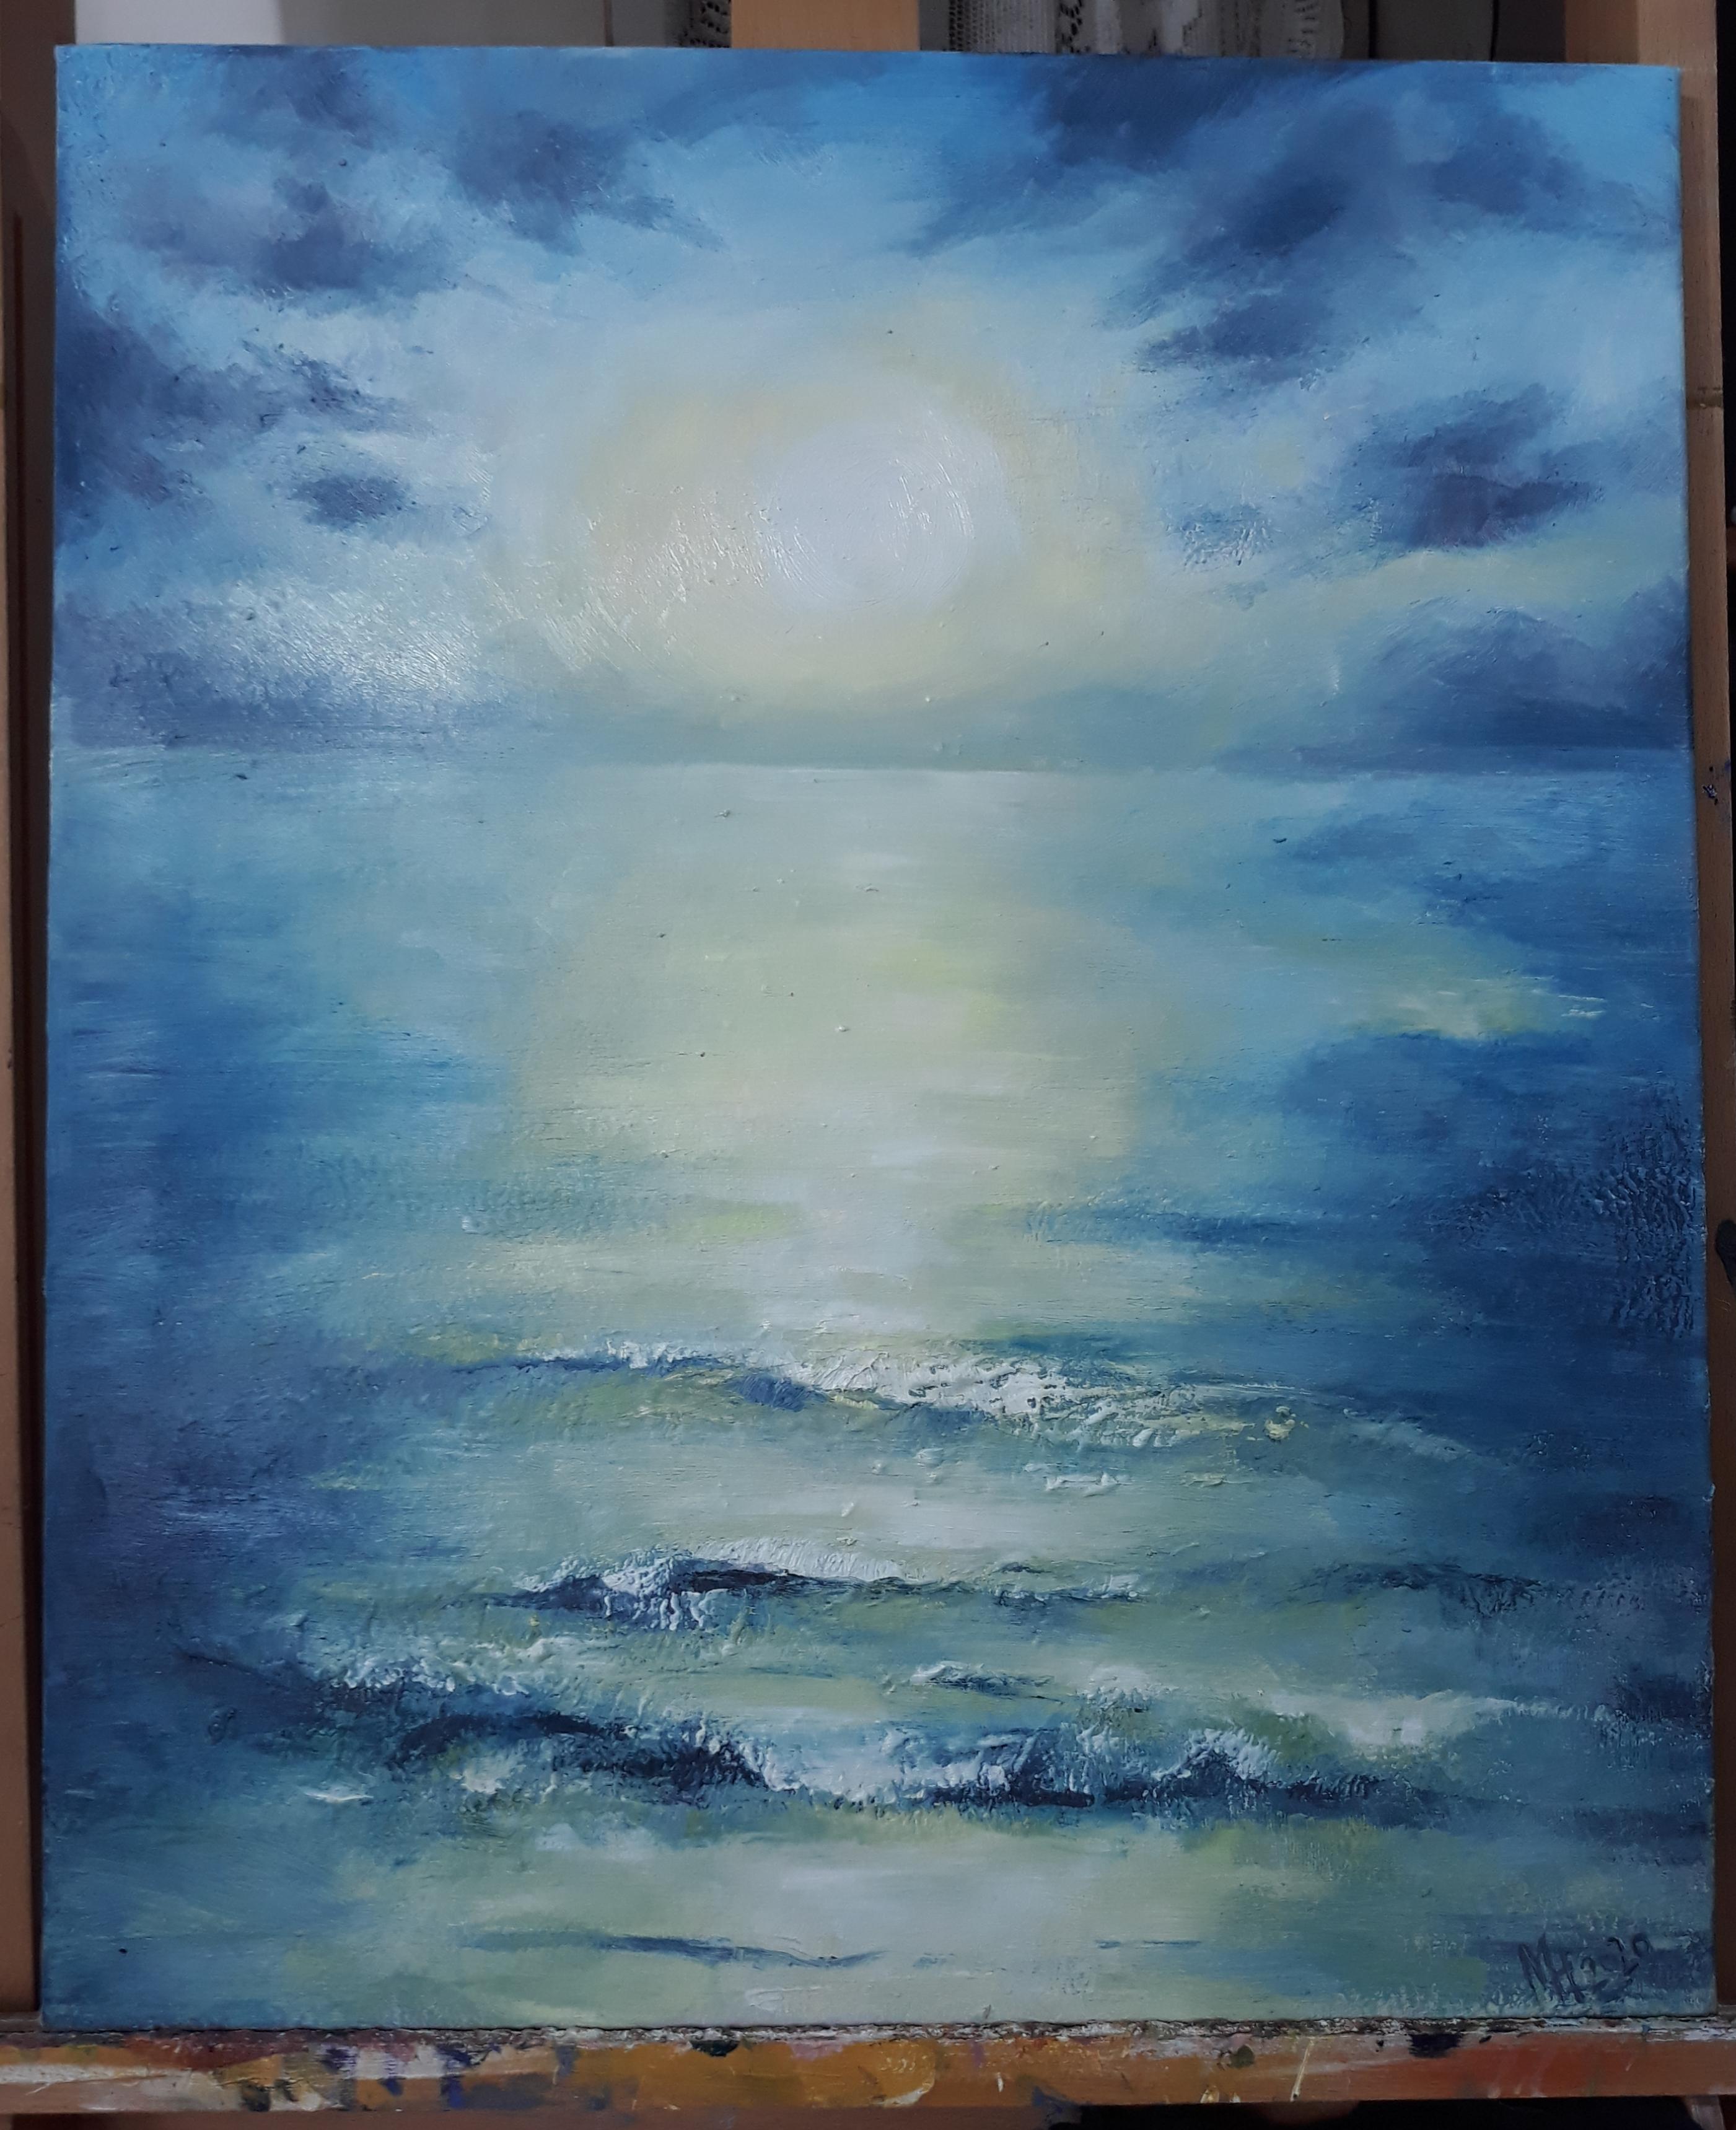 úplněk a moře